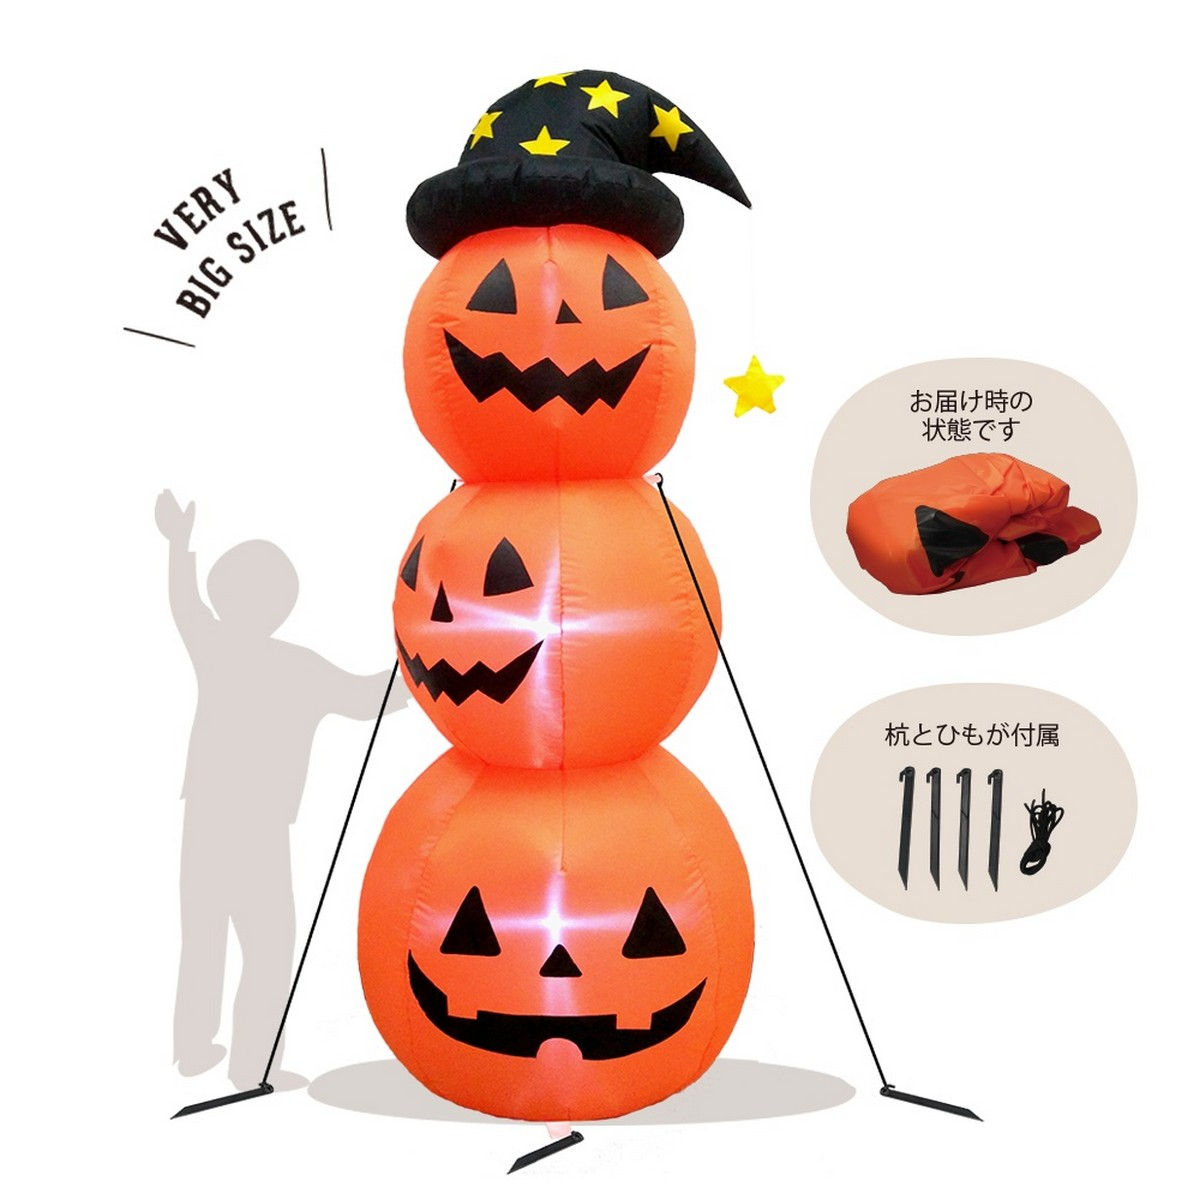 GREENHOUSE/HW エアースタンドバルーン 3段かぼちゃ/HW475【01】【01】【取寄】《 店舗ディスプレイ ハロウィン飾り・オーナメント ハロウィンオブジェ 》